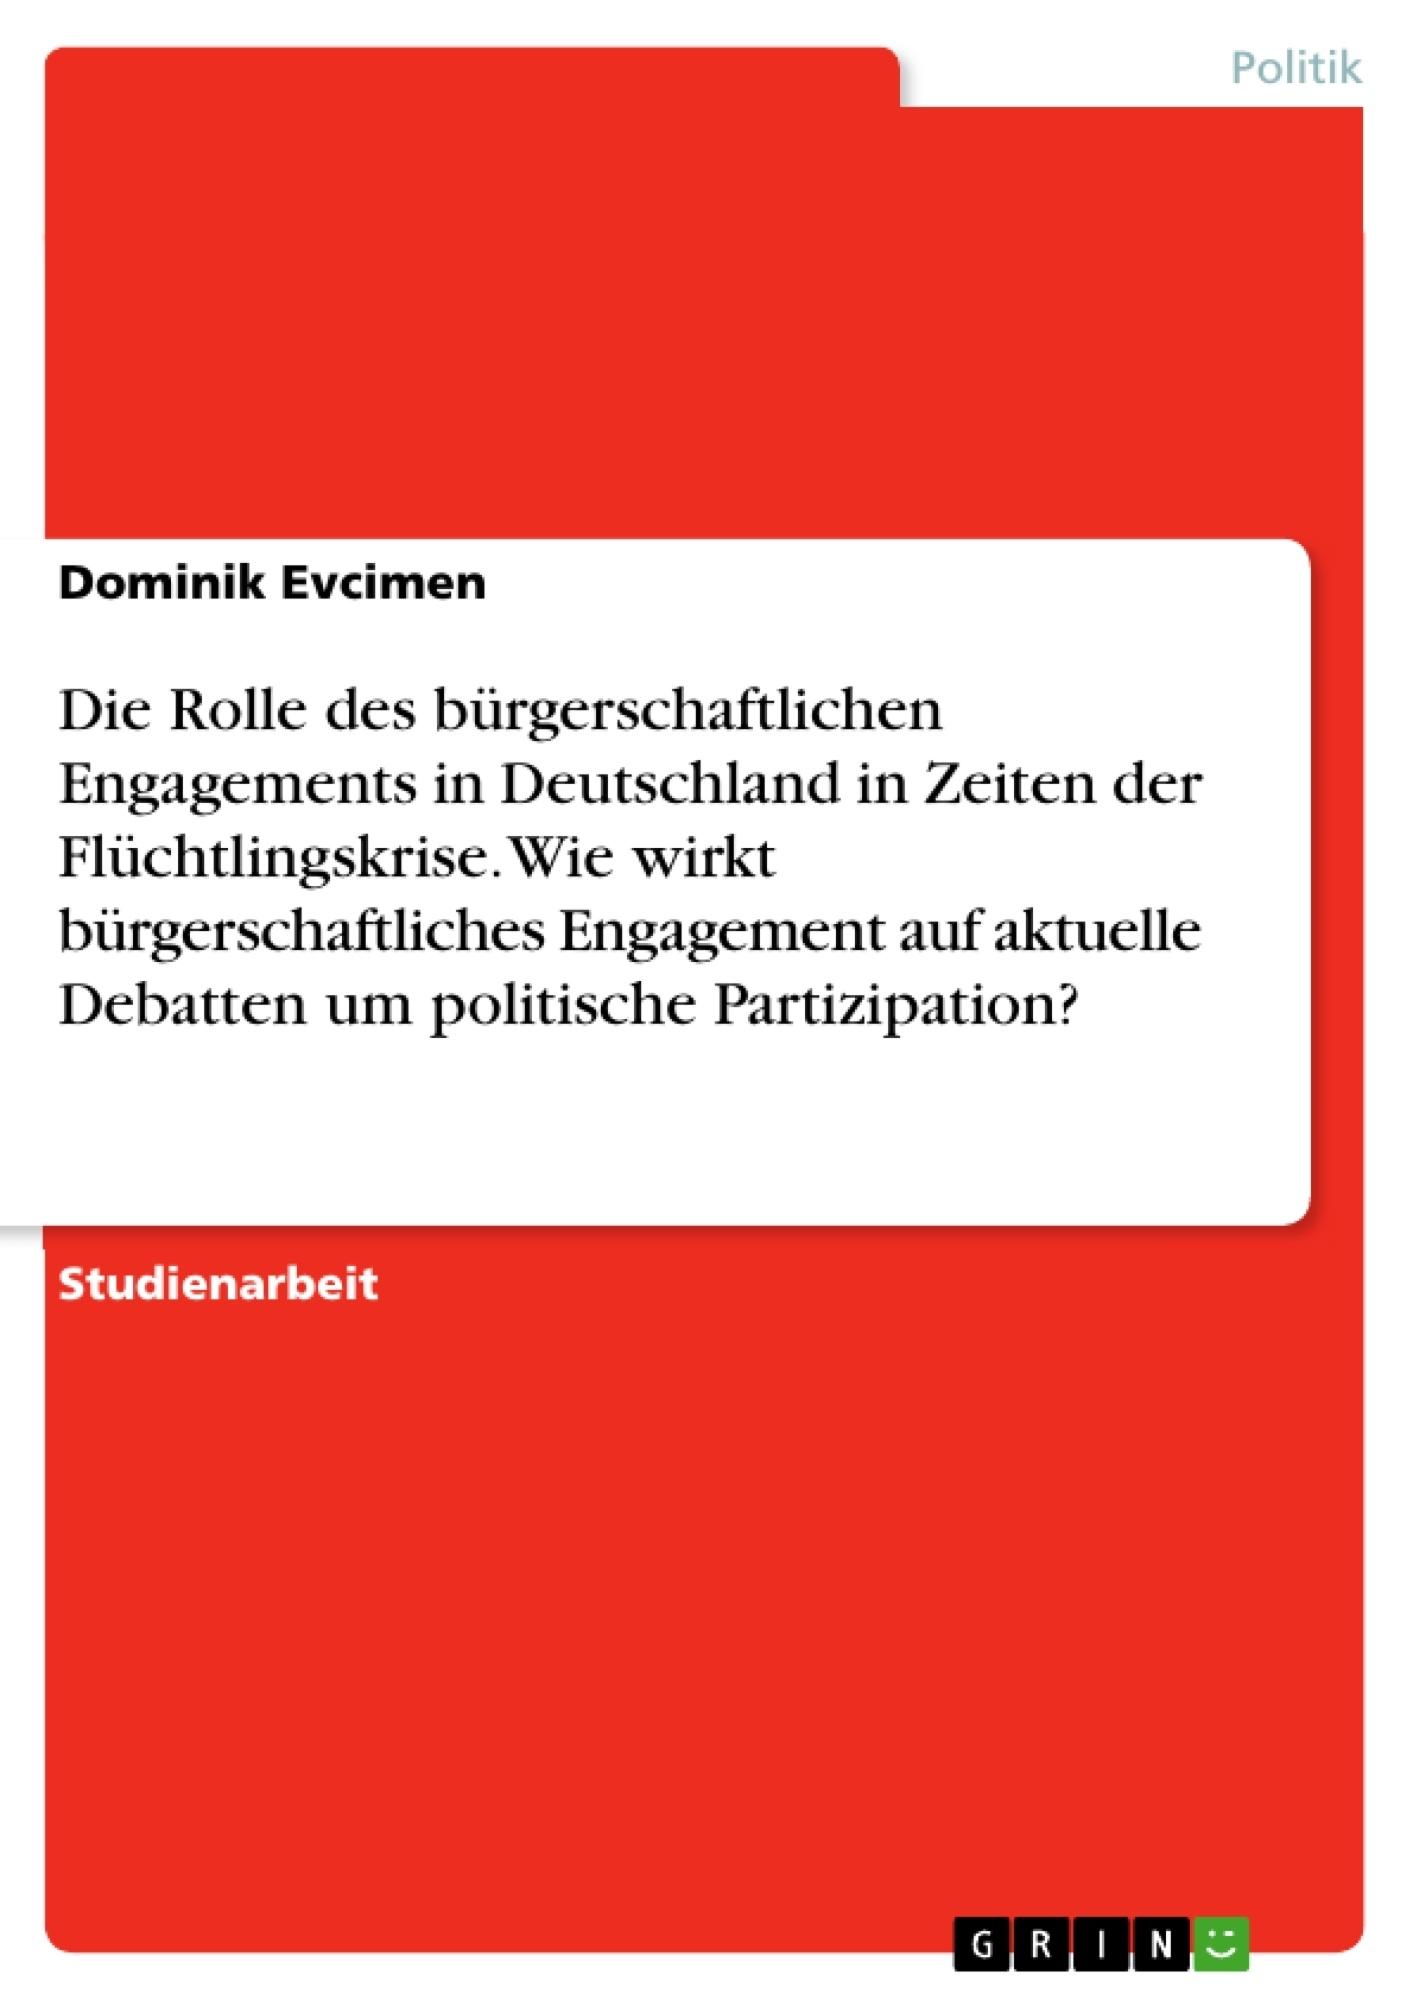 Titel: Die Rolle des bürgerschaftlichen Engagements in Deutschland in Zeiten der Flüchtlingskrise. Wie wirkt bürgerschaftliches Engagement auf aktuelle Debatten um politische Partizipation?